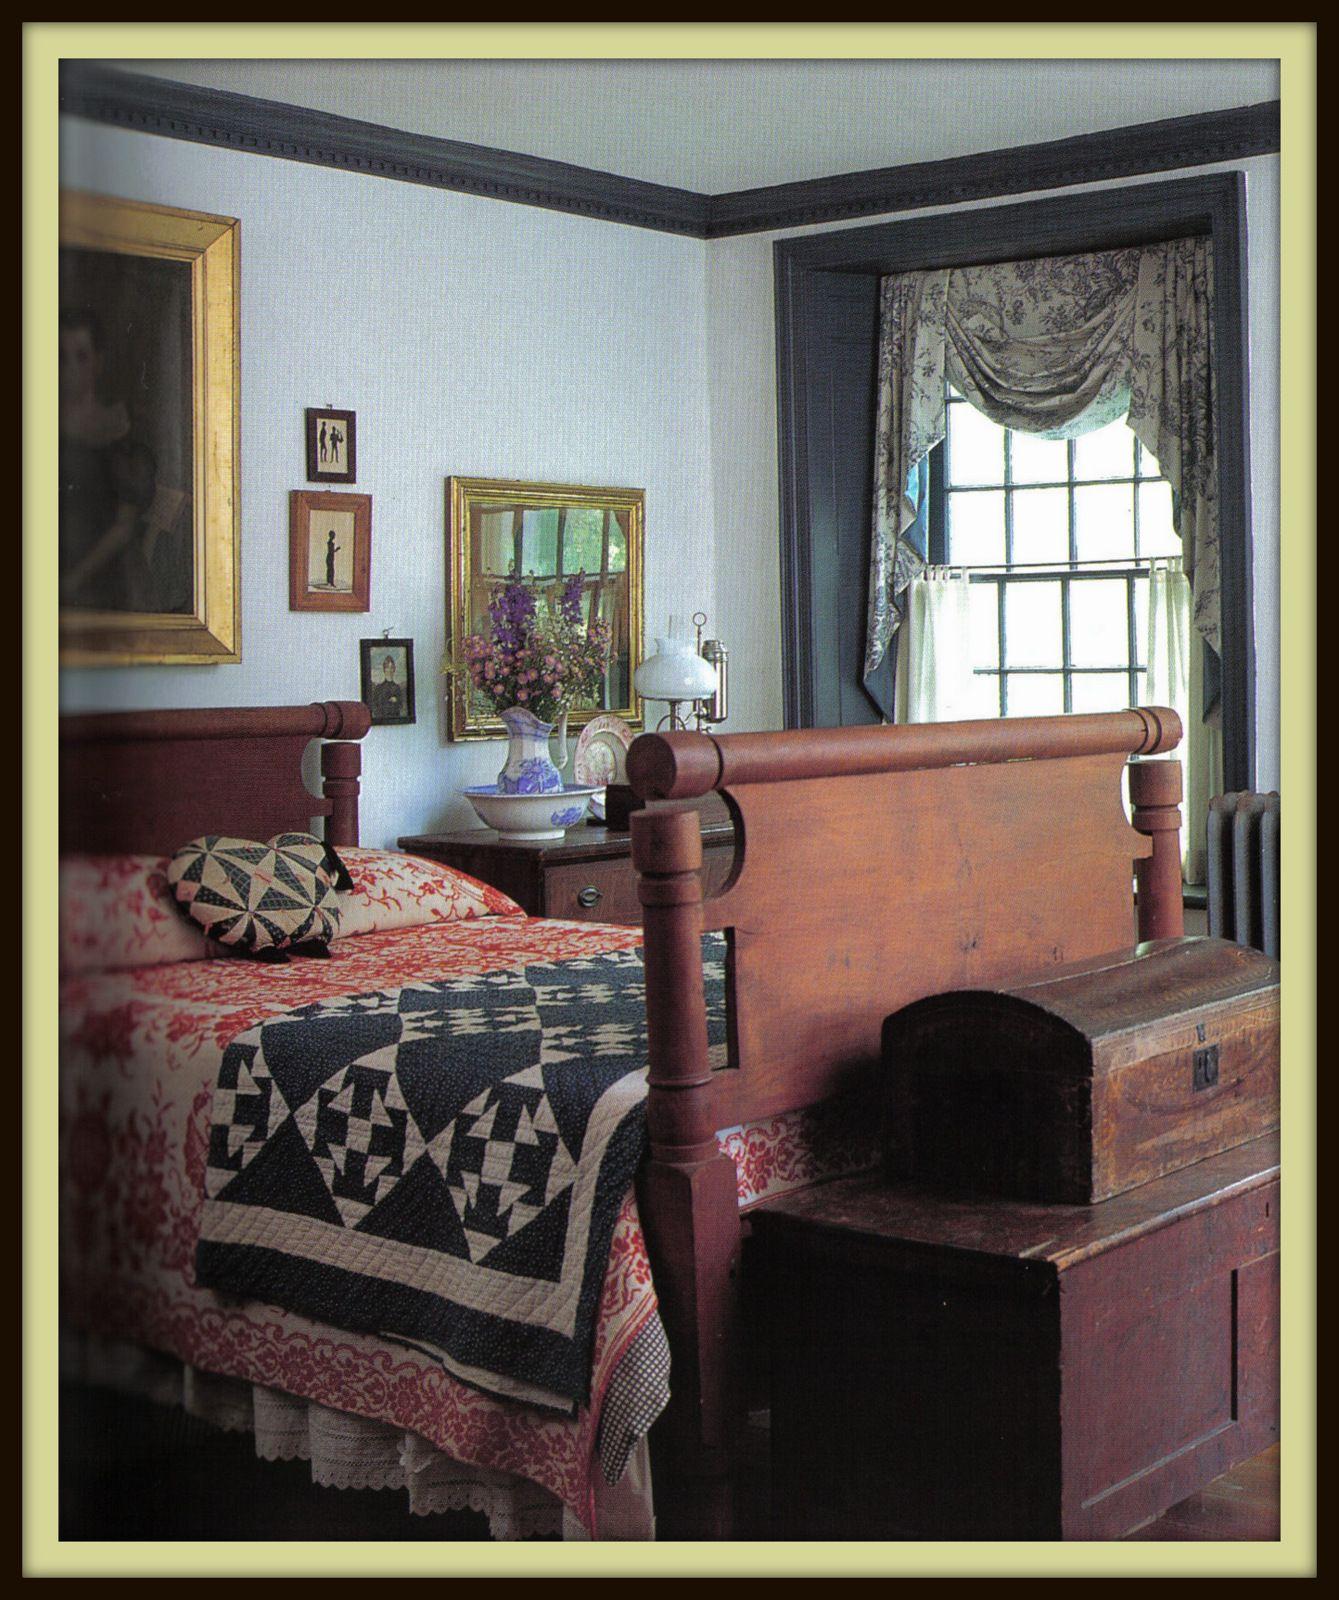 Colonial Primitive Decorating Ideas: Colonial Bedroom